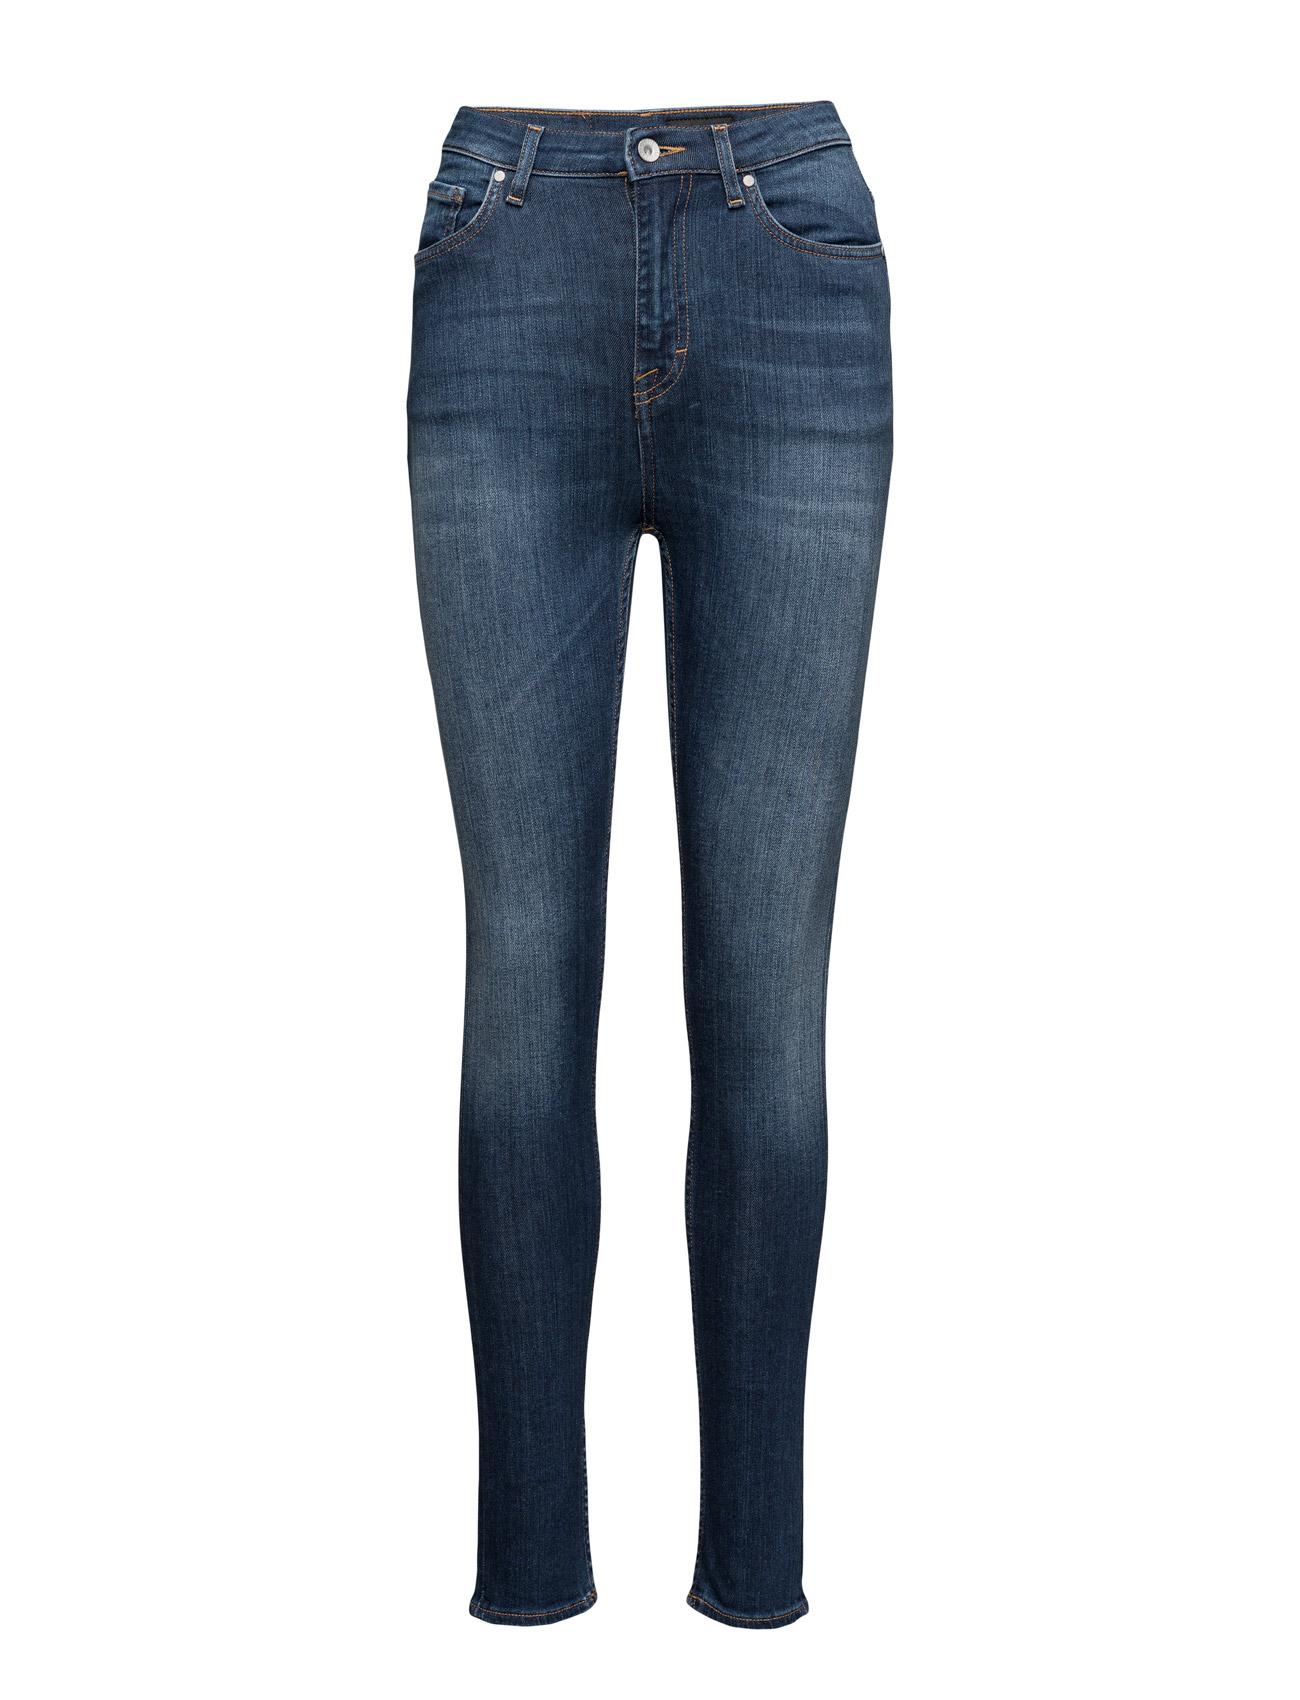 Sandie Tiger of Sweden Jeans Jeans til Kvinder i